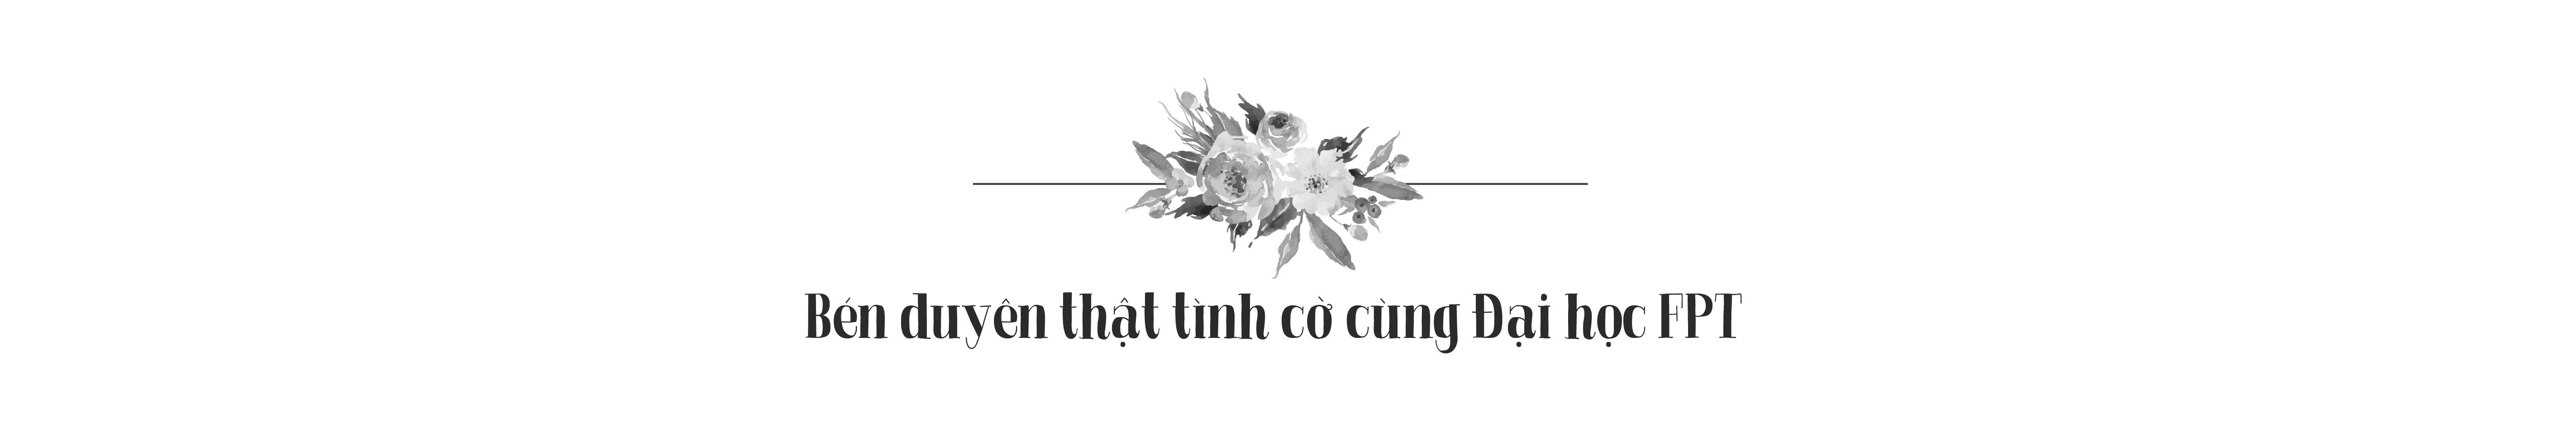 co-nang-coc-vang-dh-fpt